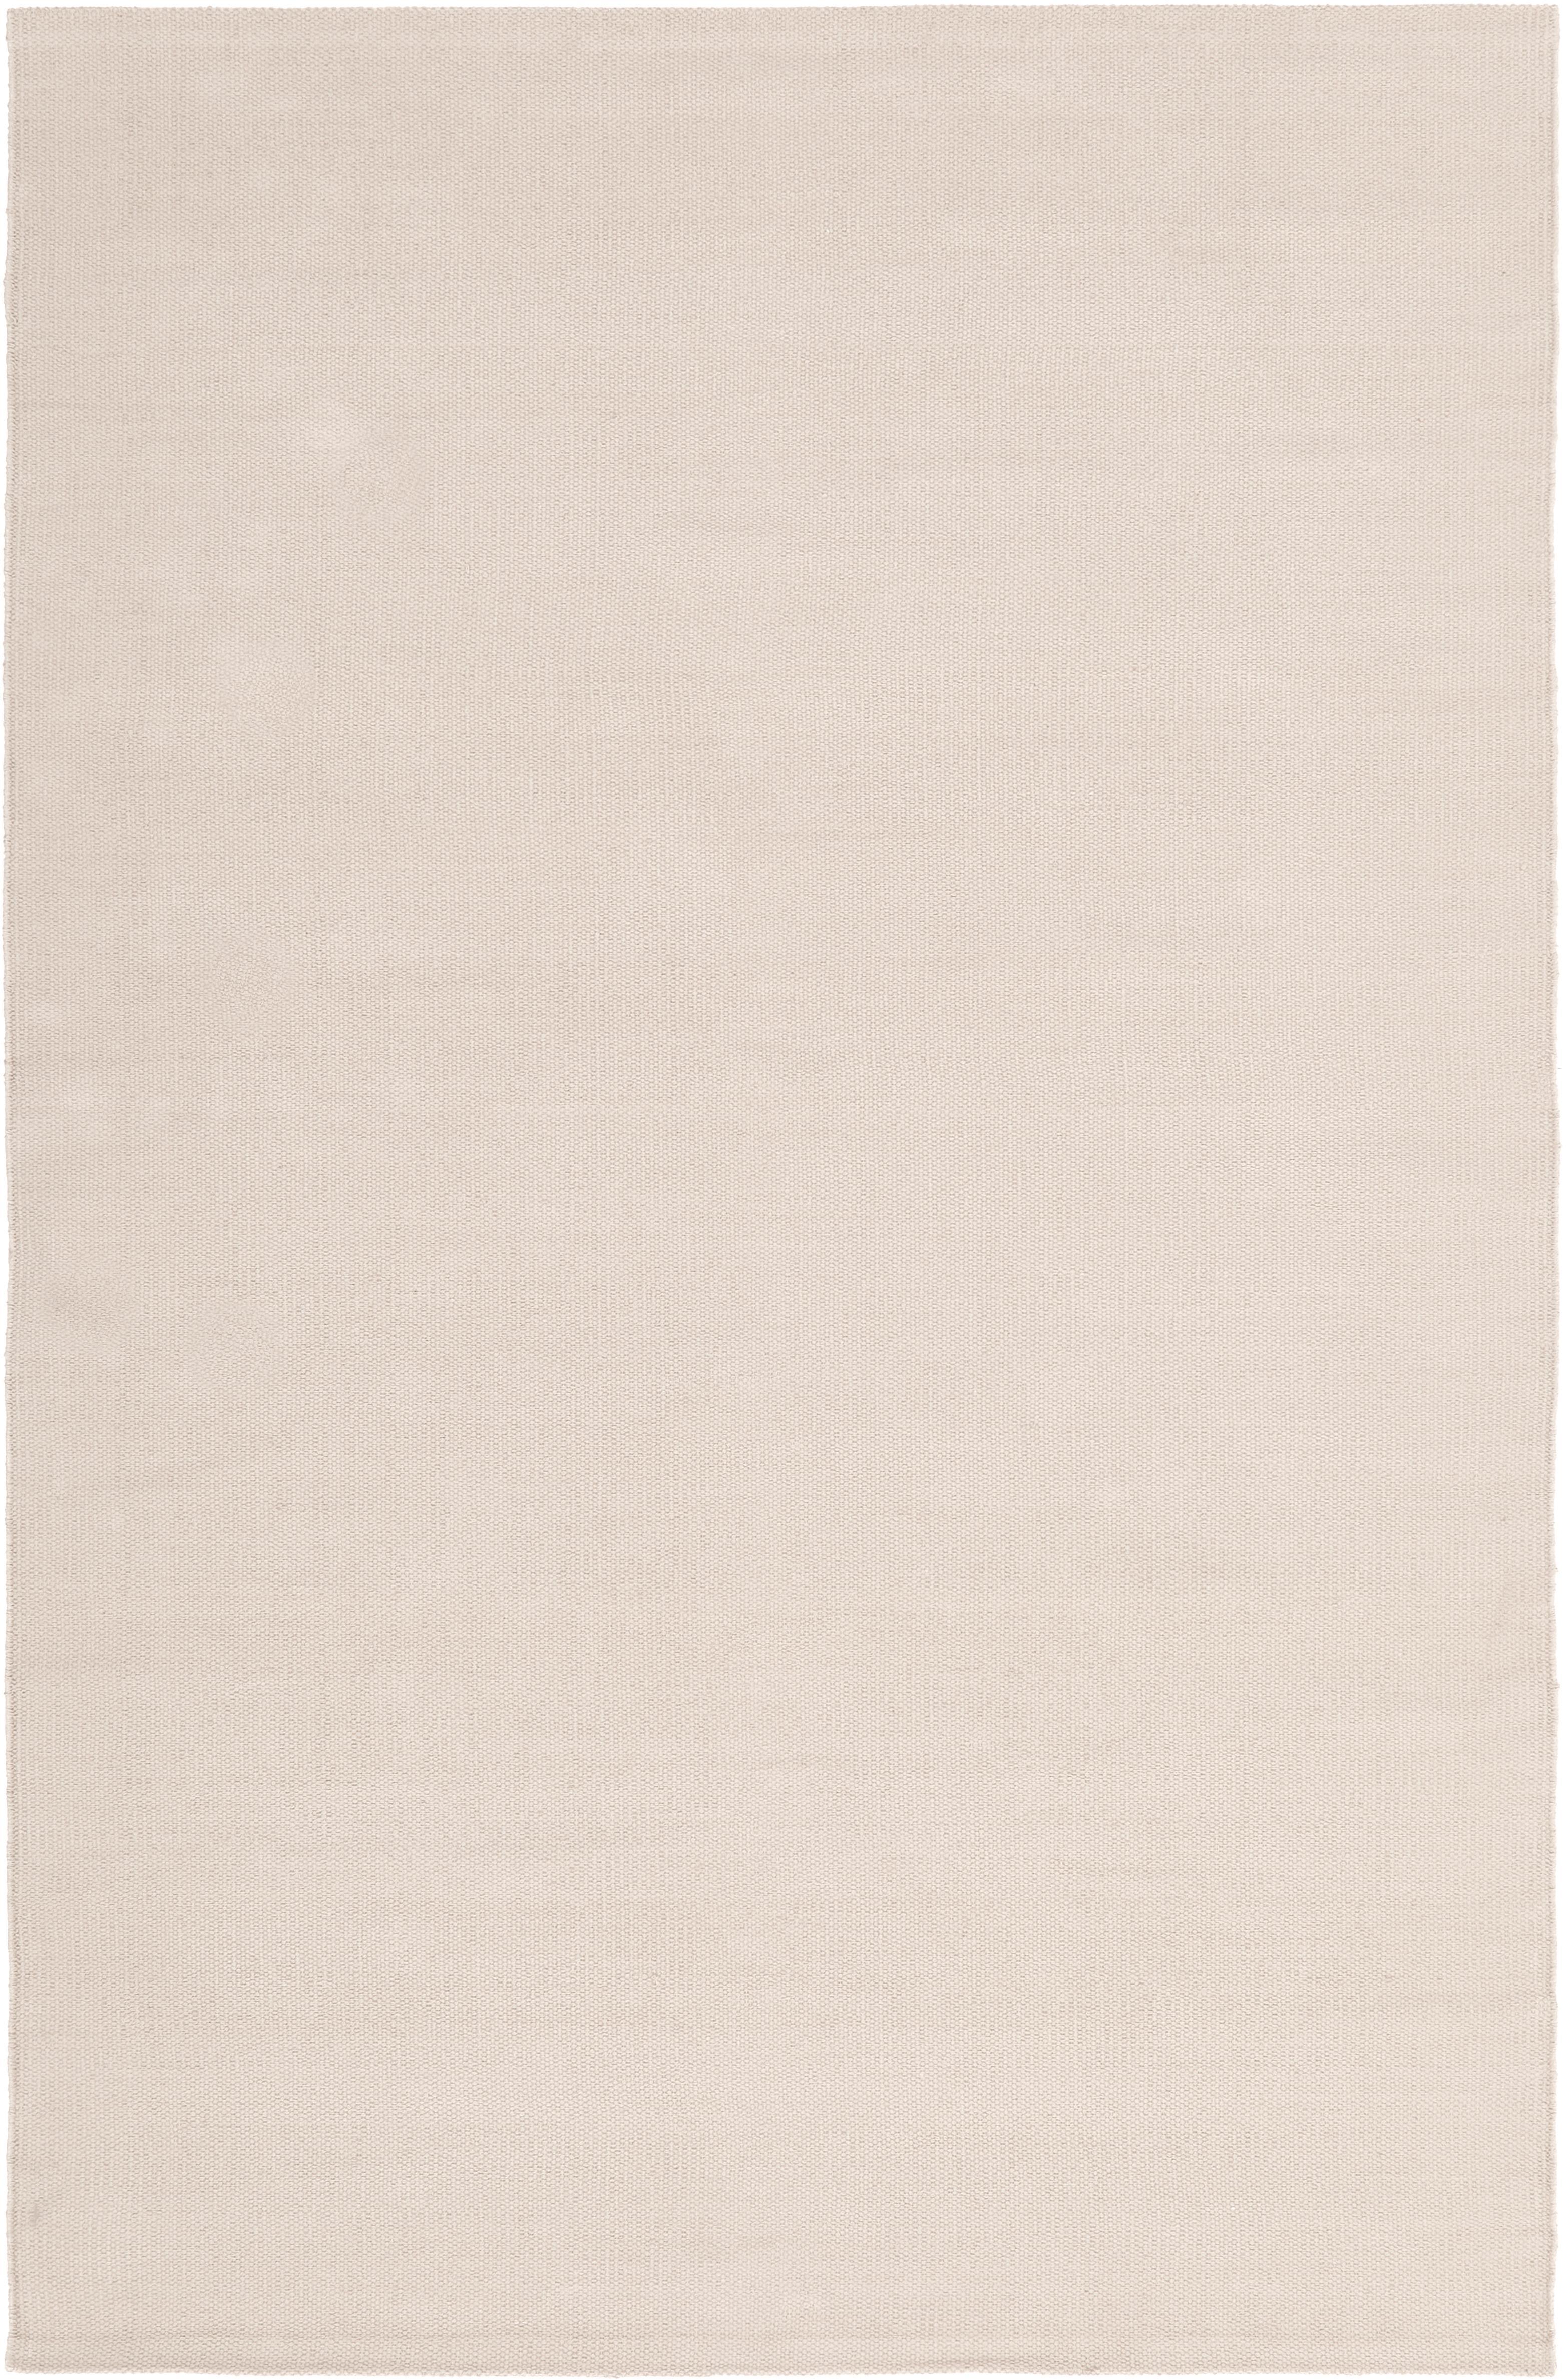 Dünner Baumwollteppich Agneta, handgewebt, 100% Baumwolle, Beige, B 120 x L 180 cm (Grösse S)